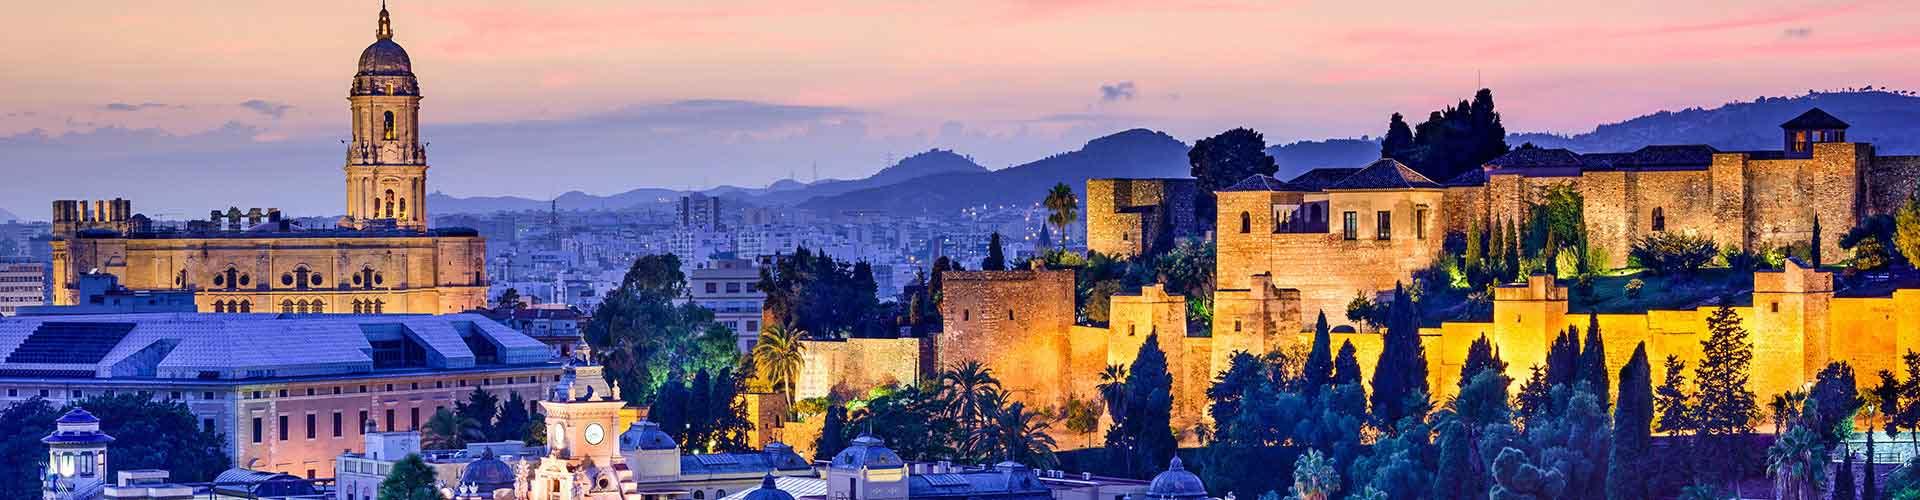 Malaga - Pokoje w mieście Malaga, Mapy miasta Malaga, Zdjęcia i Recenzje dla każdego pokoju w mieście Malaga.